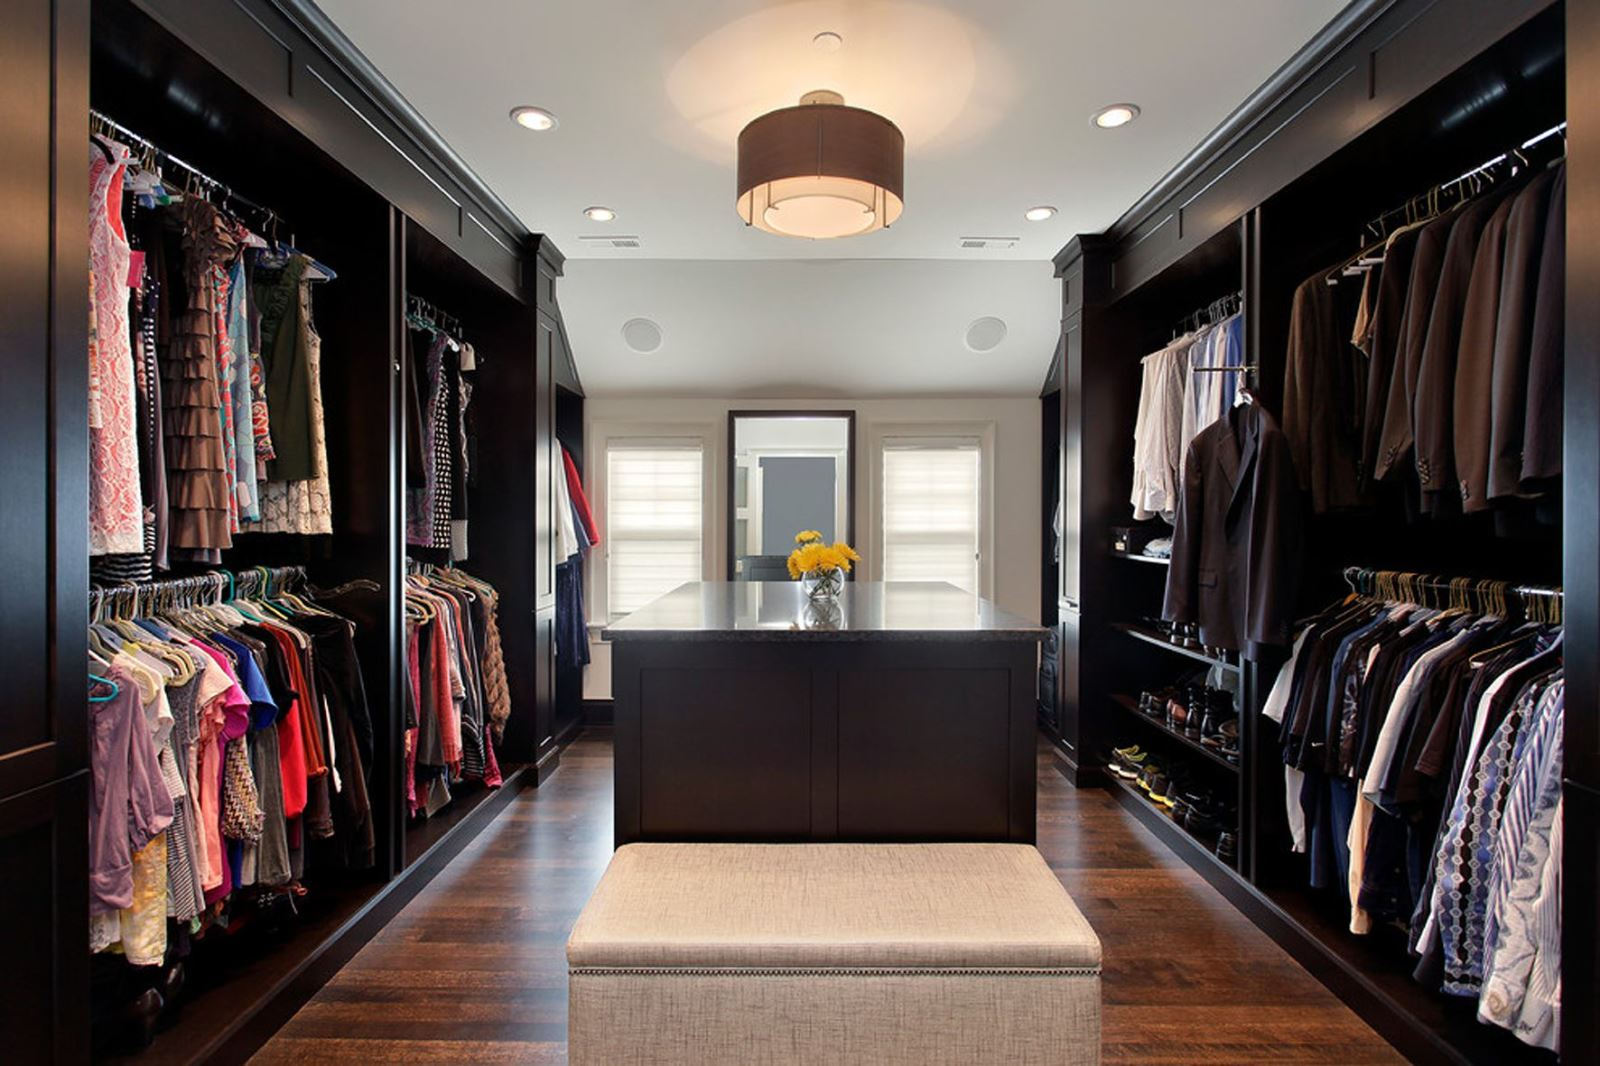 Gợi ý thiết kế phòng thay đồ đẹp nhìn là muốn sở hữu ngay